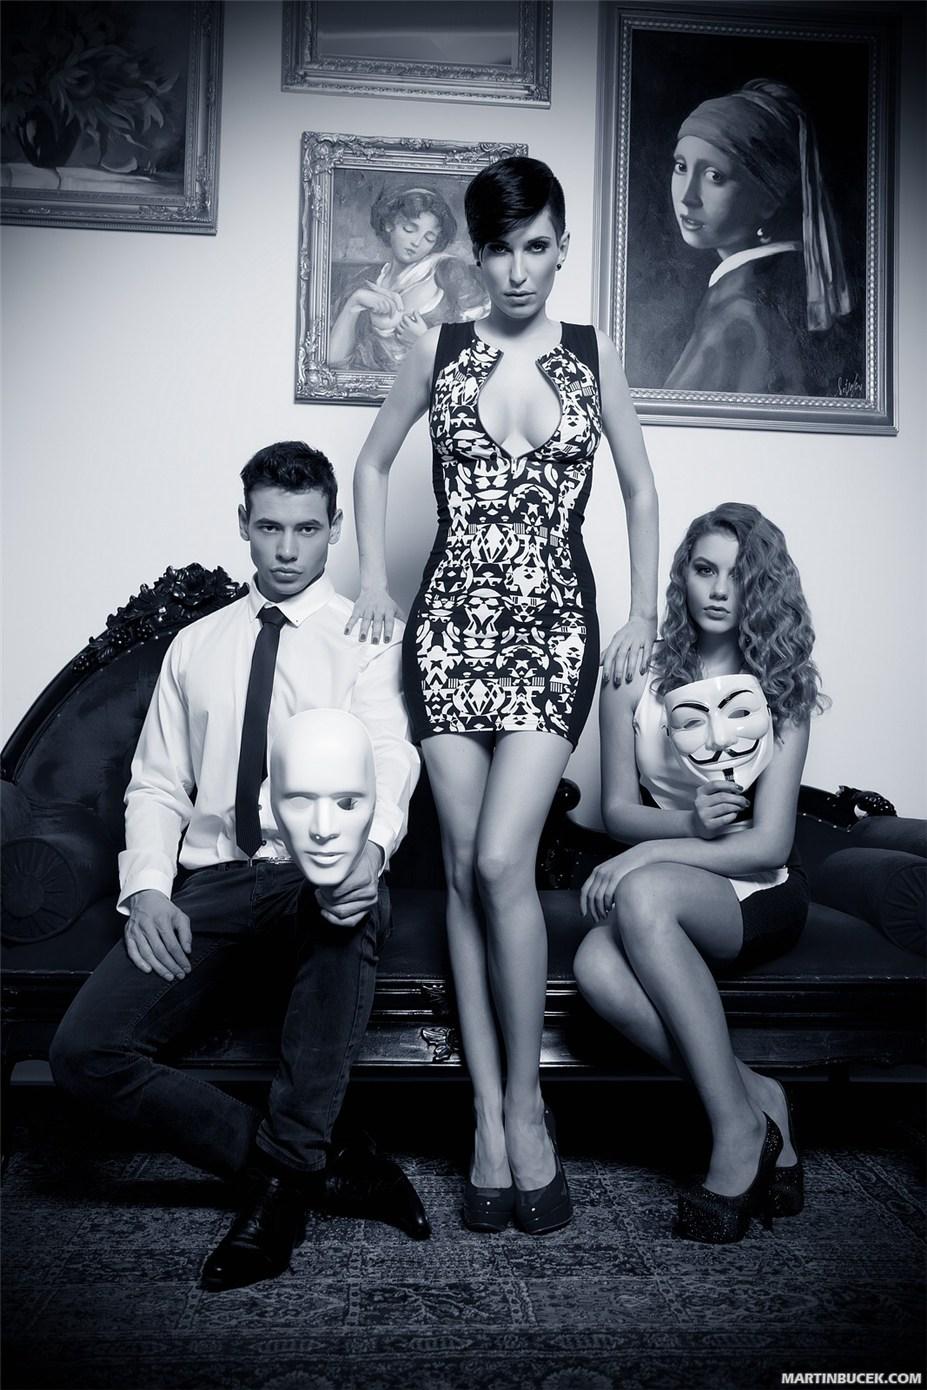 Эротическая промо-кампания AnonymouS Bar Prague by Martin Bucek